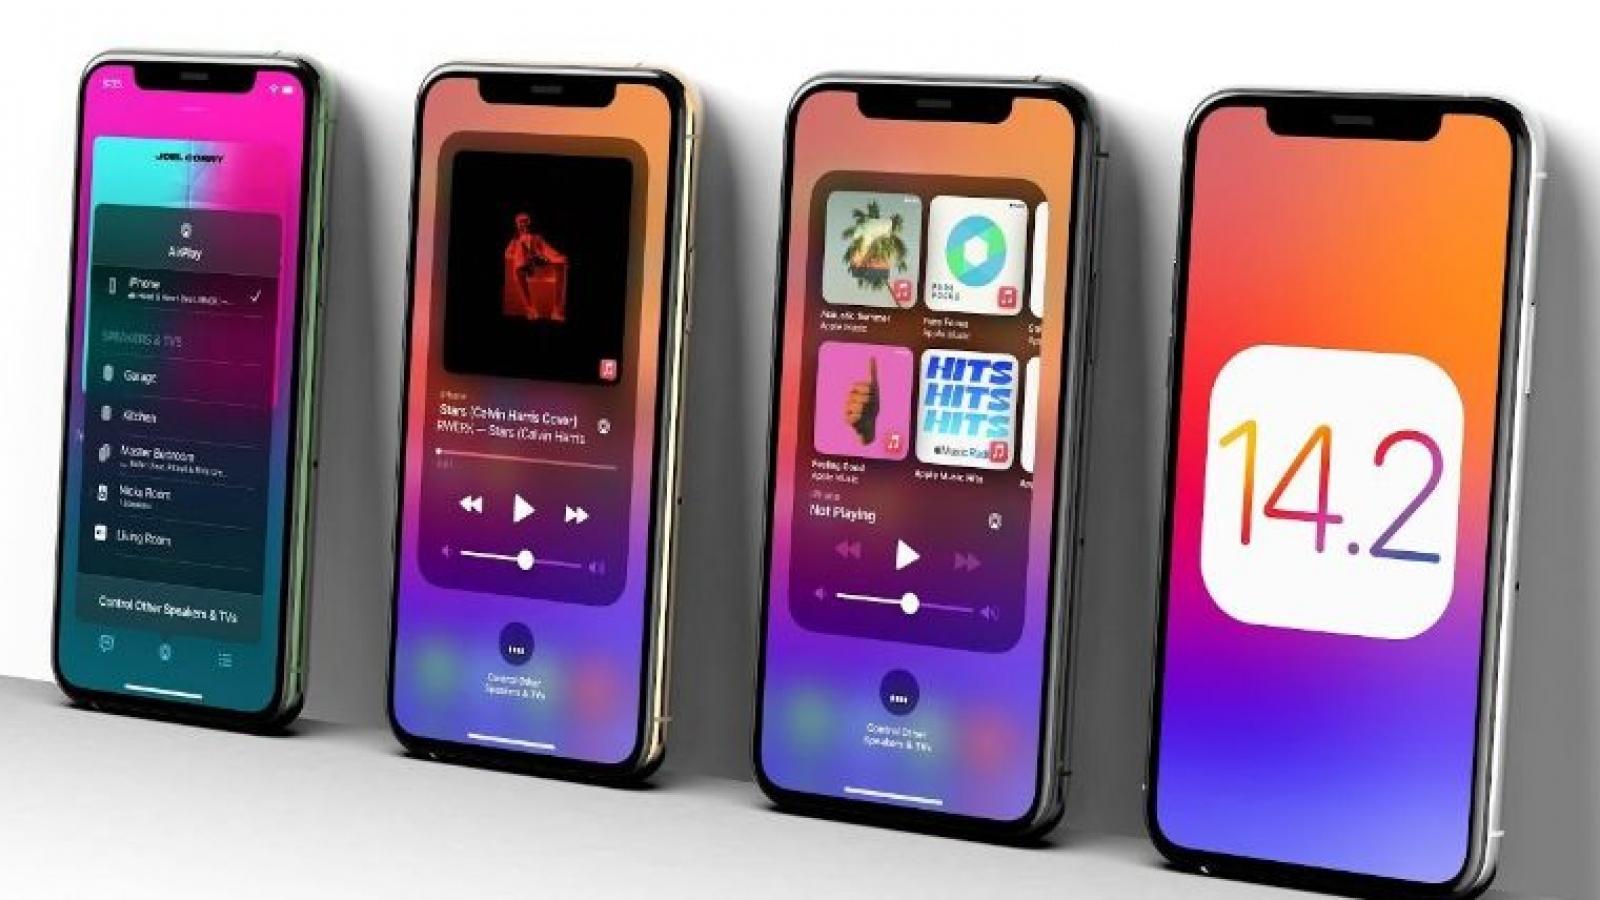 iOS 14.2 đã ra mắt, mang đến hơn 100 biểu tượng cảm xúc mới